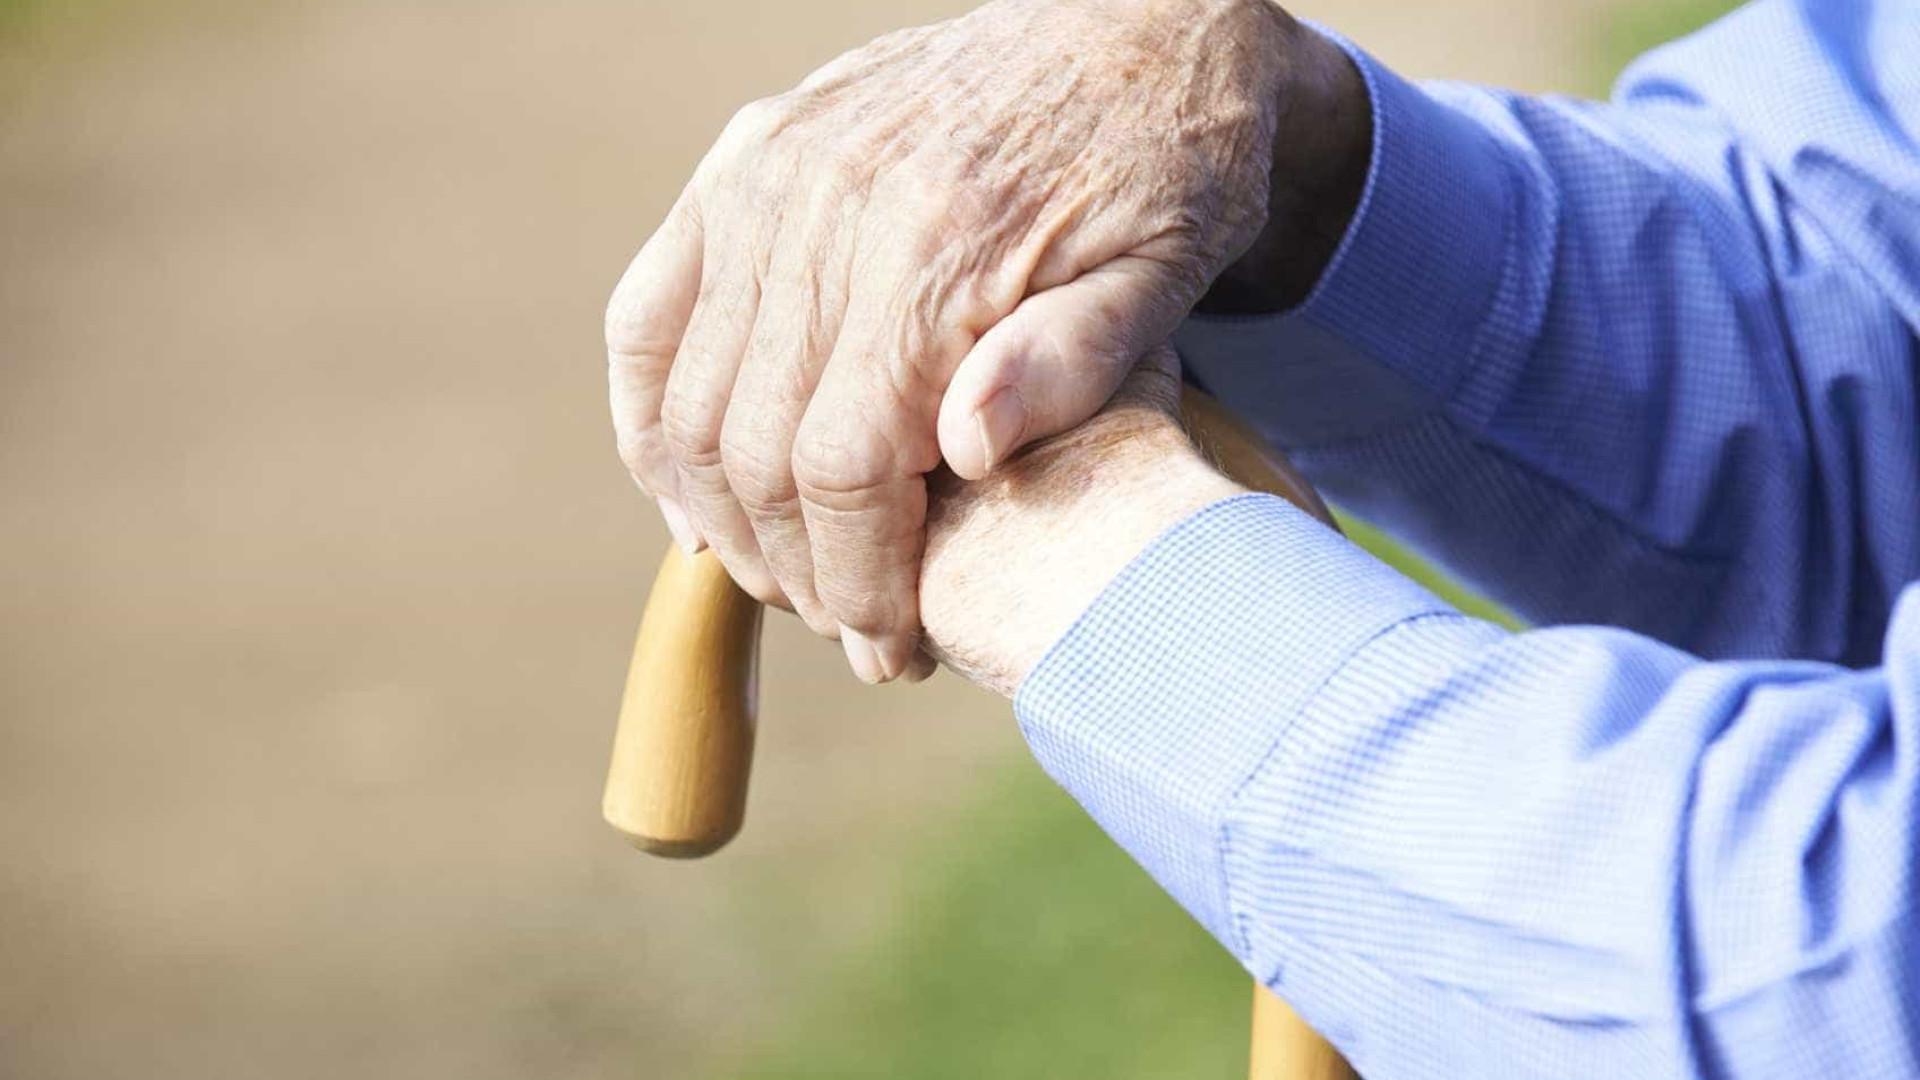 Em fevereiro houve mais 1.300 idosos a receber Complemento Solidário